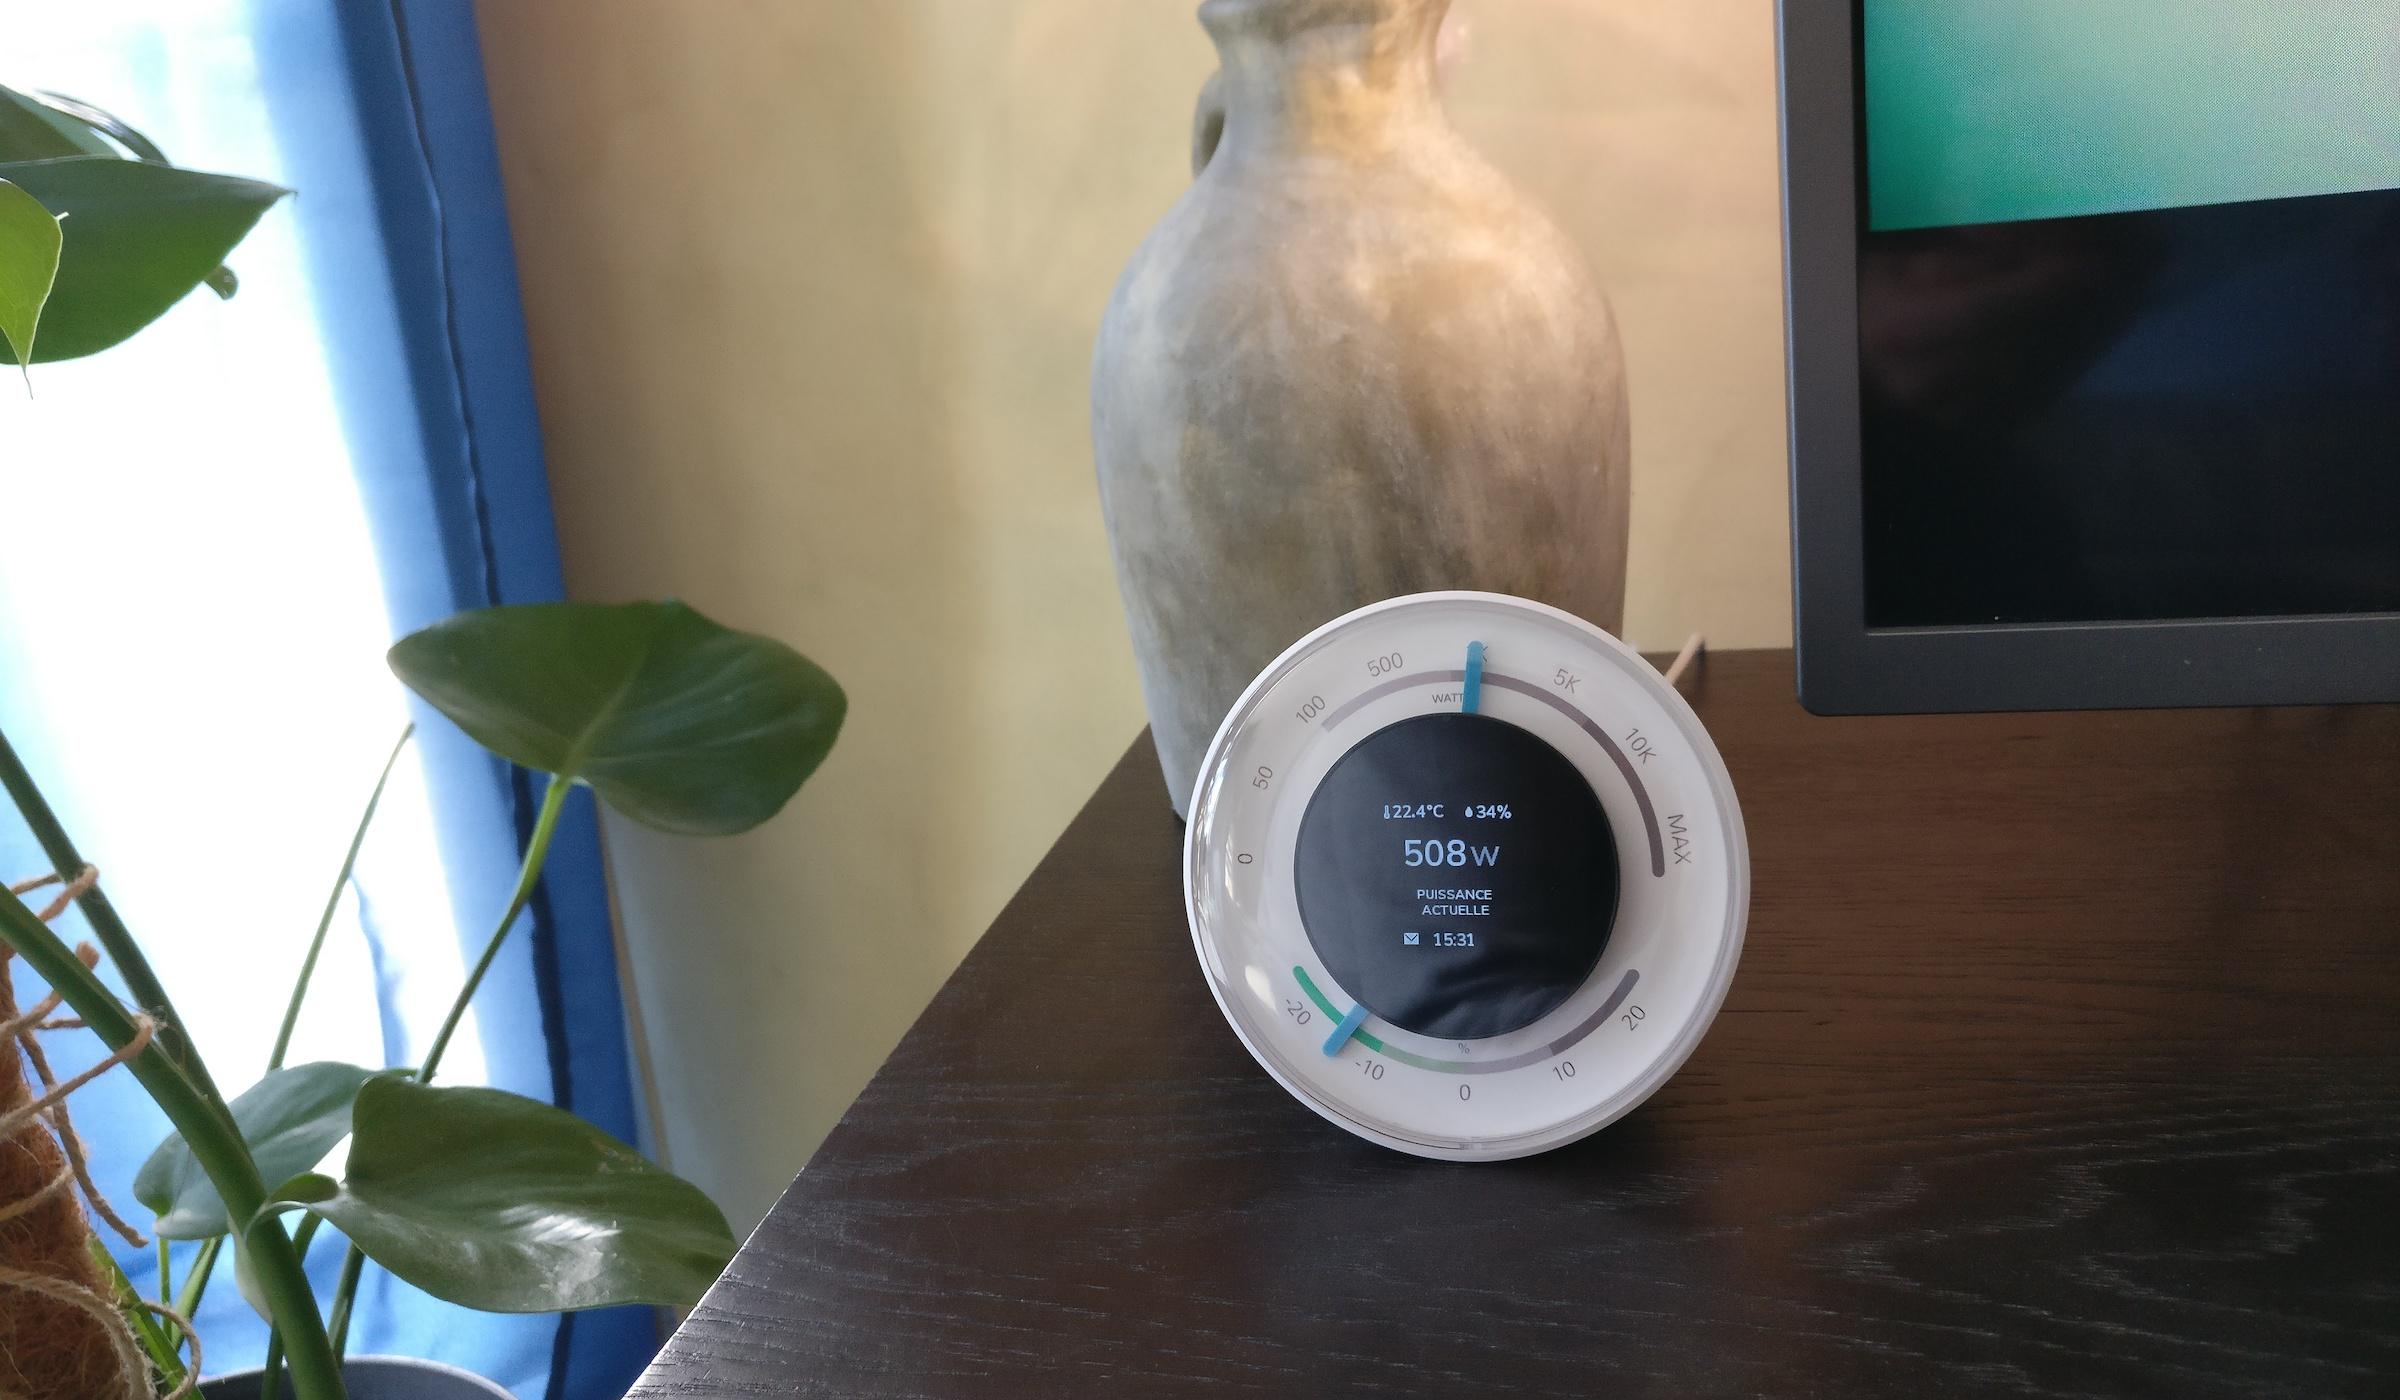 #Test de l'assistant connecté d'économie d'énergie Ecojoko